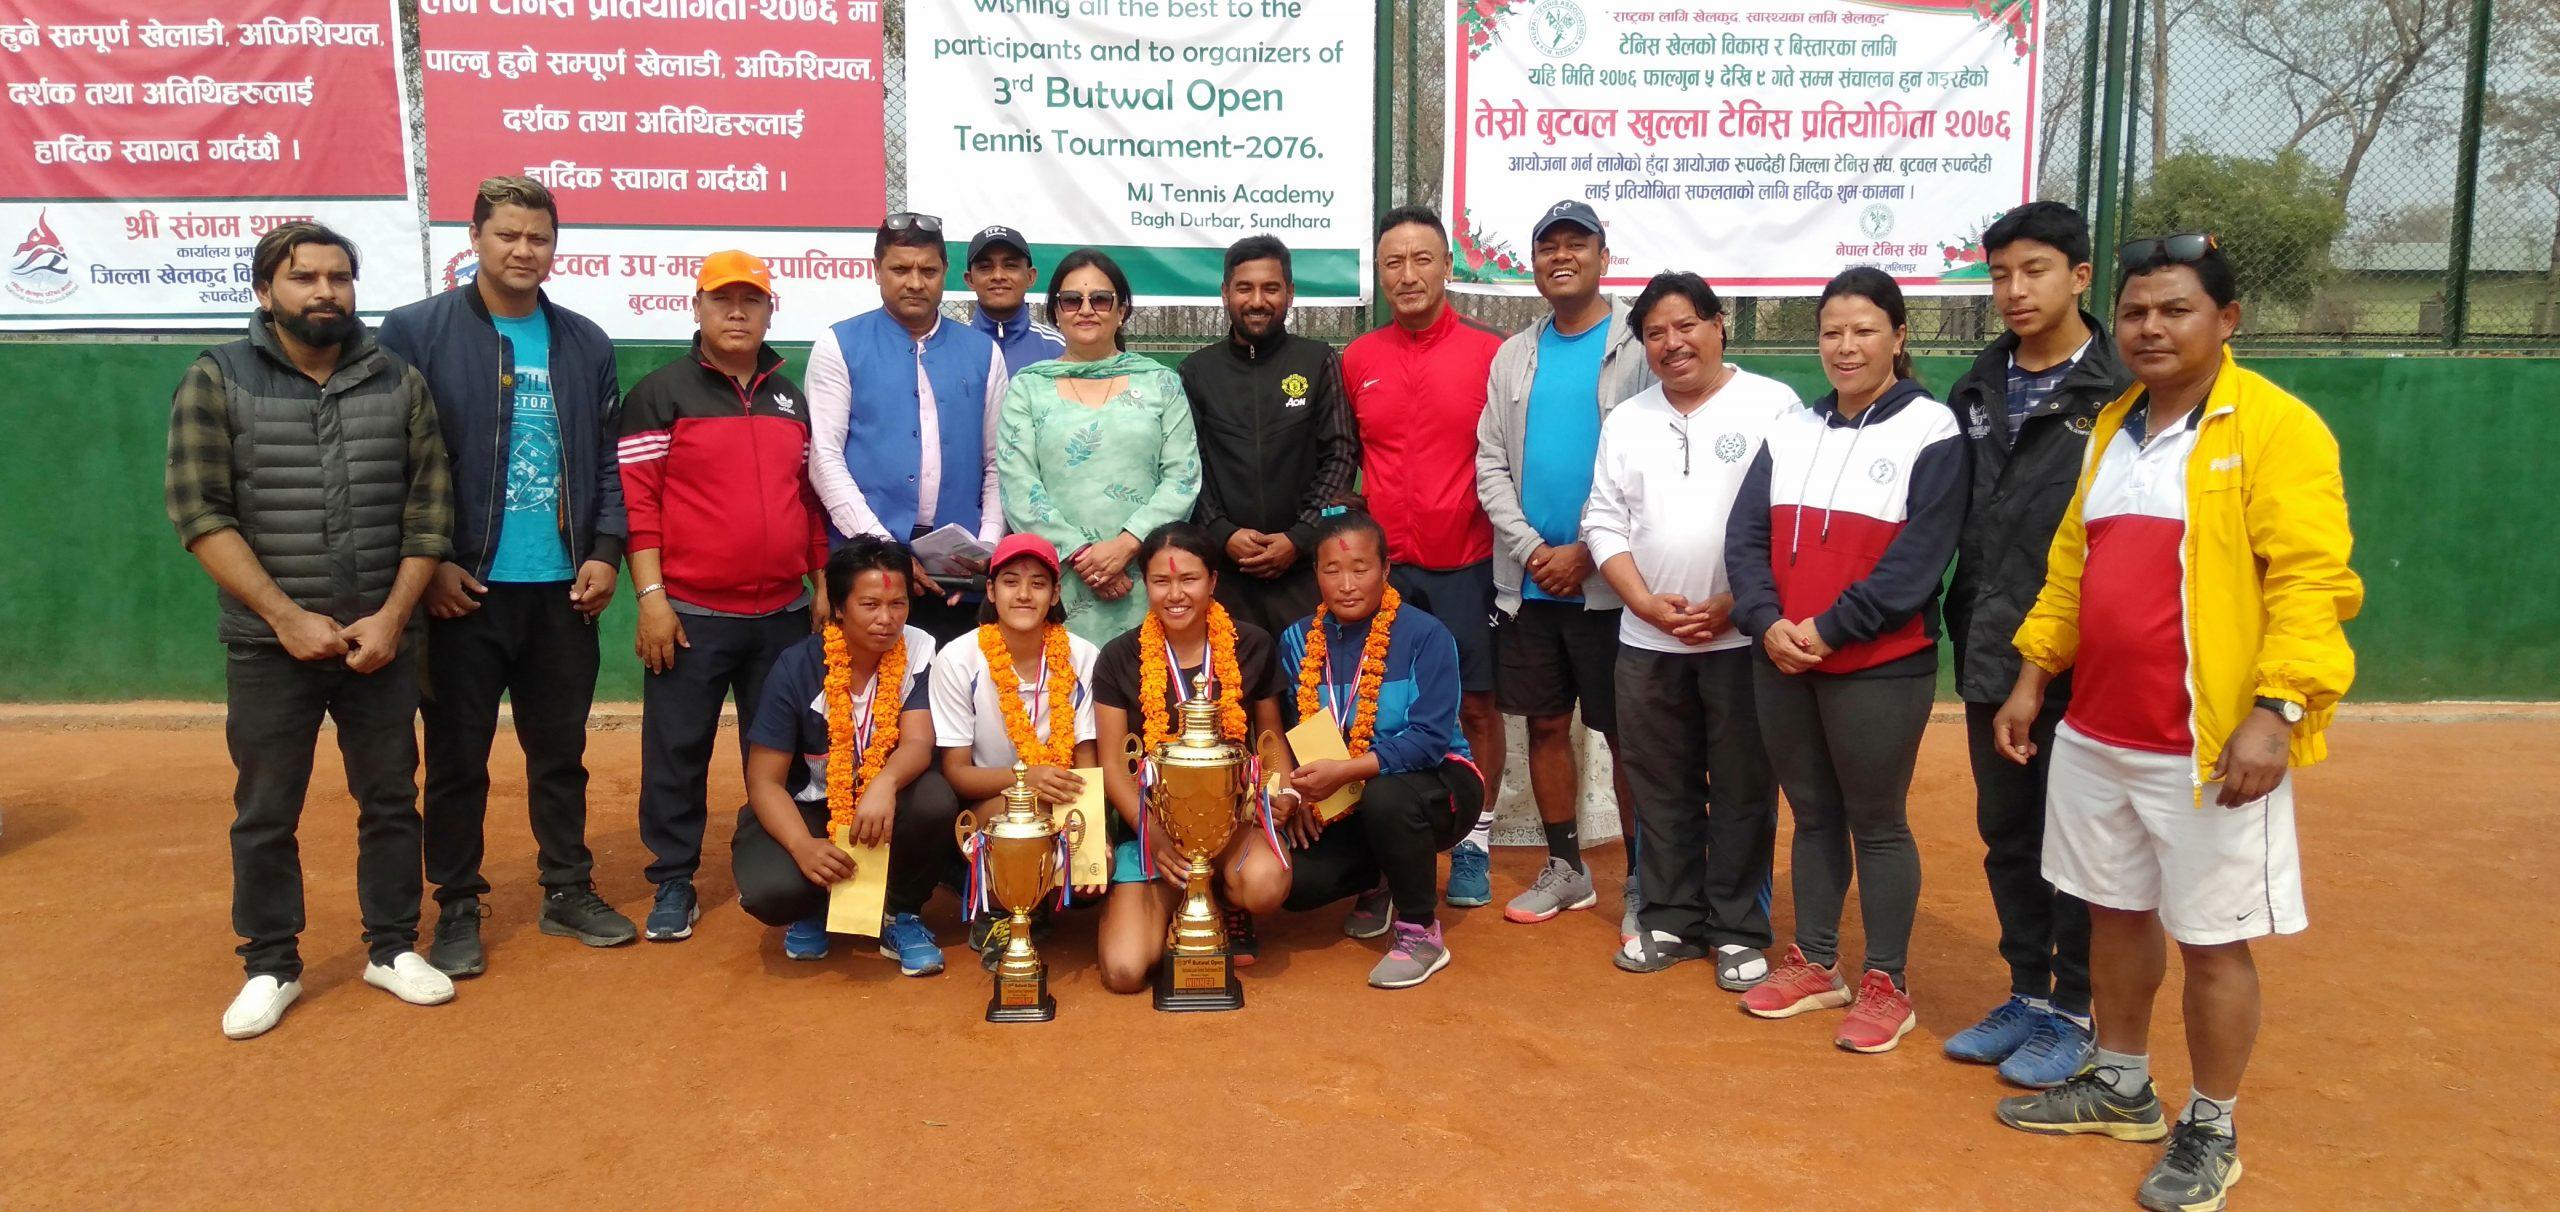 तेस्रो बुटवल खुल्ला लन टेनिस प्रतियोगिता जारी